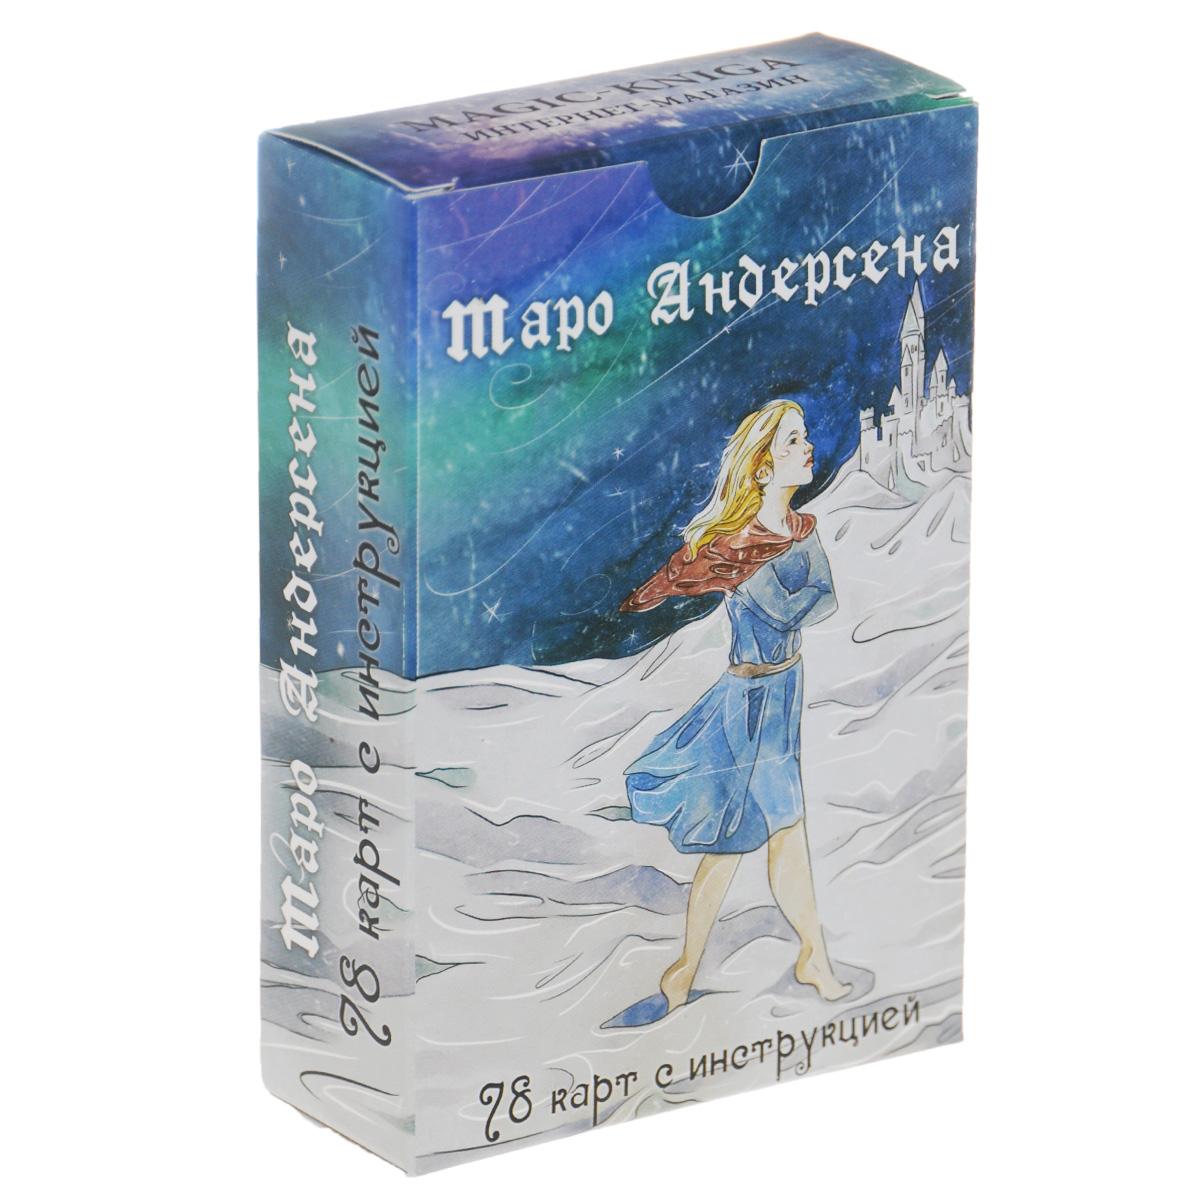 Таро Андерсена (набор из 78 карт)